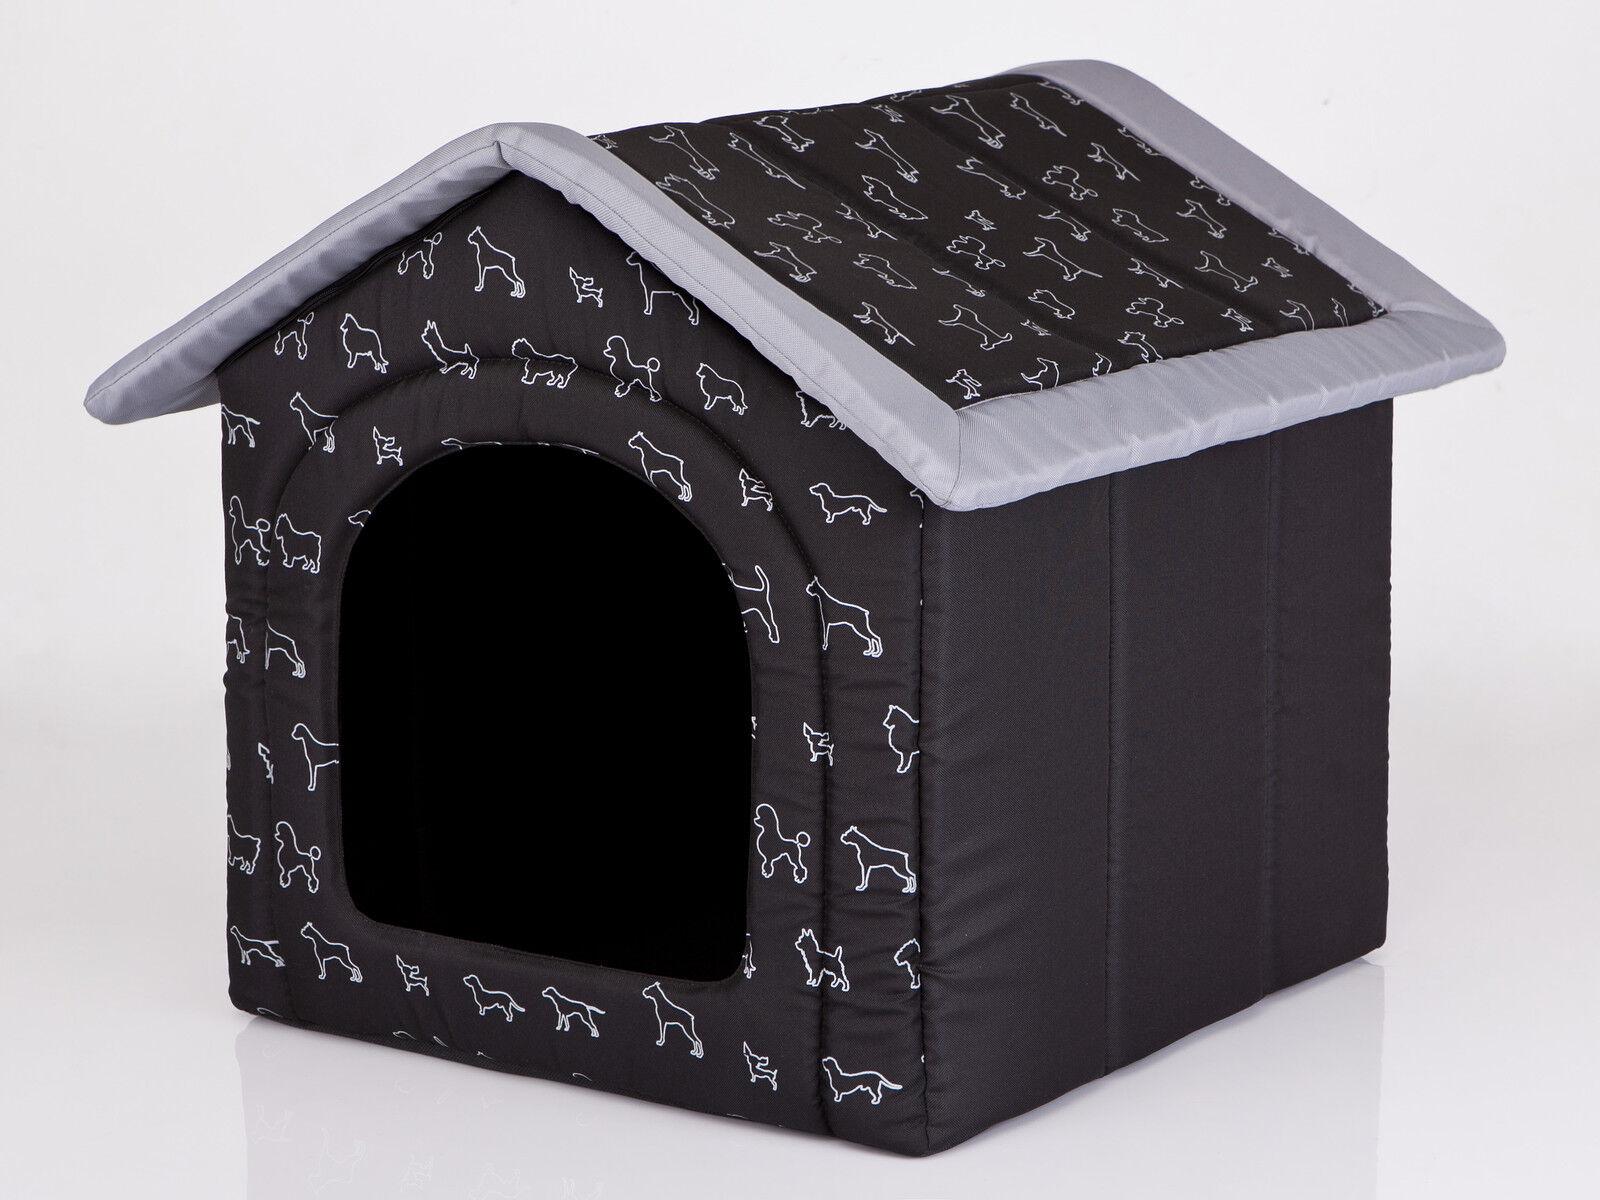 Cani grotta Hobbydog cani casa Cuccia Nero con cani r3  52 x 46 cm